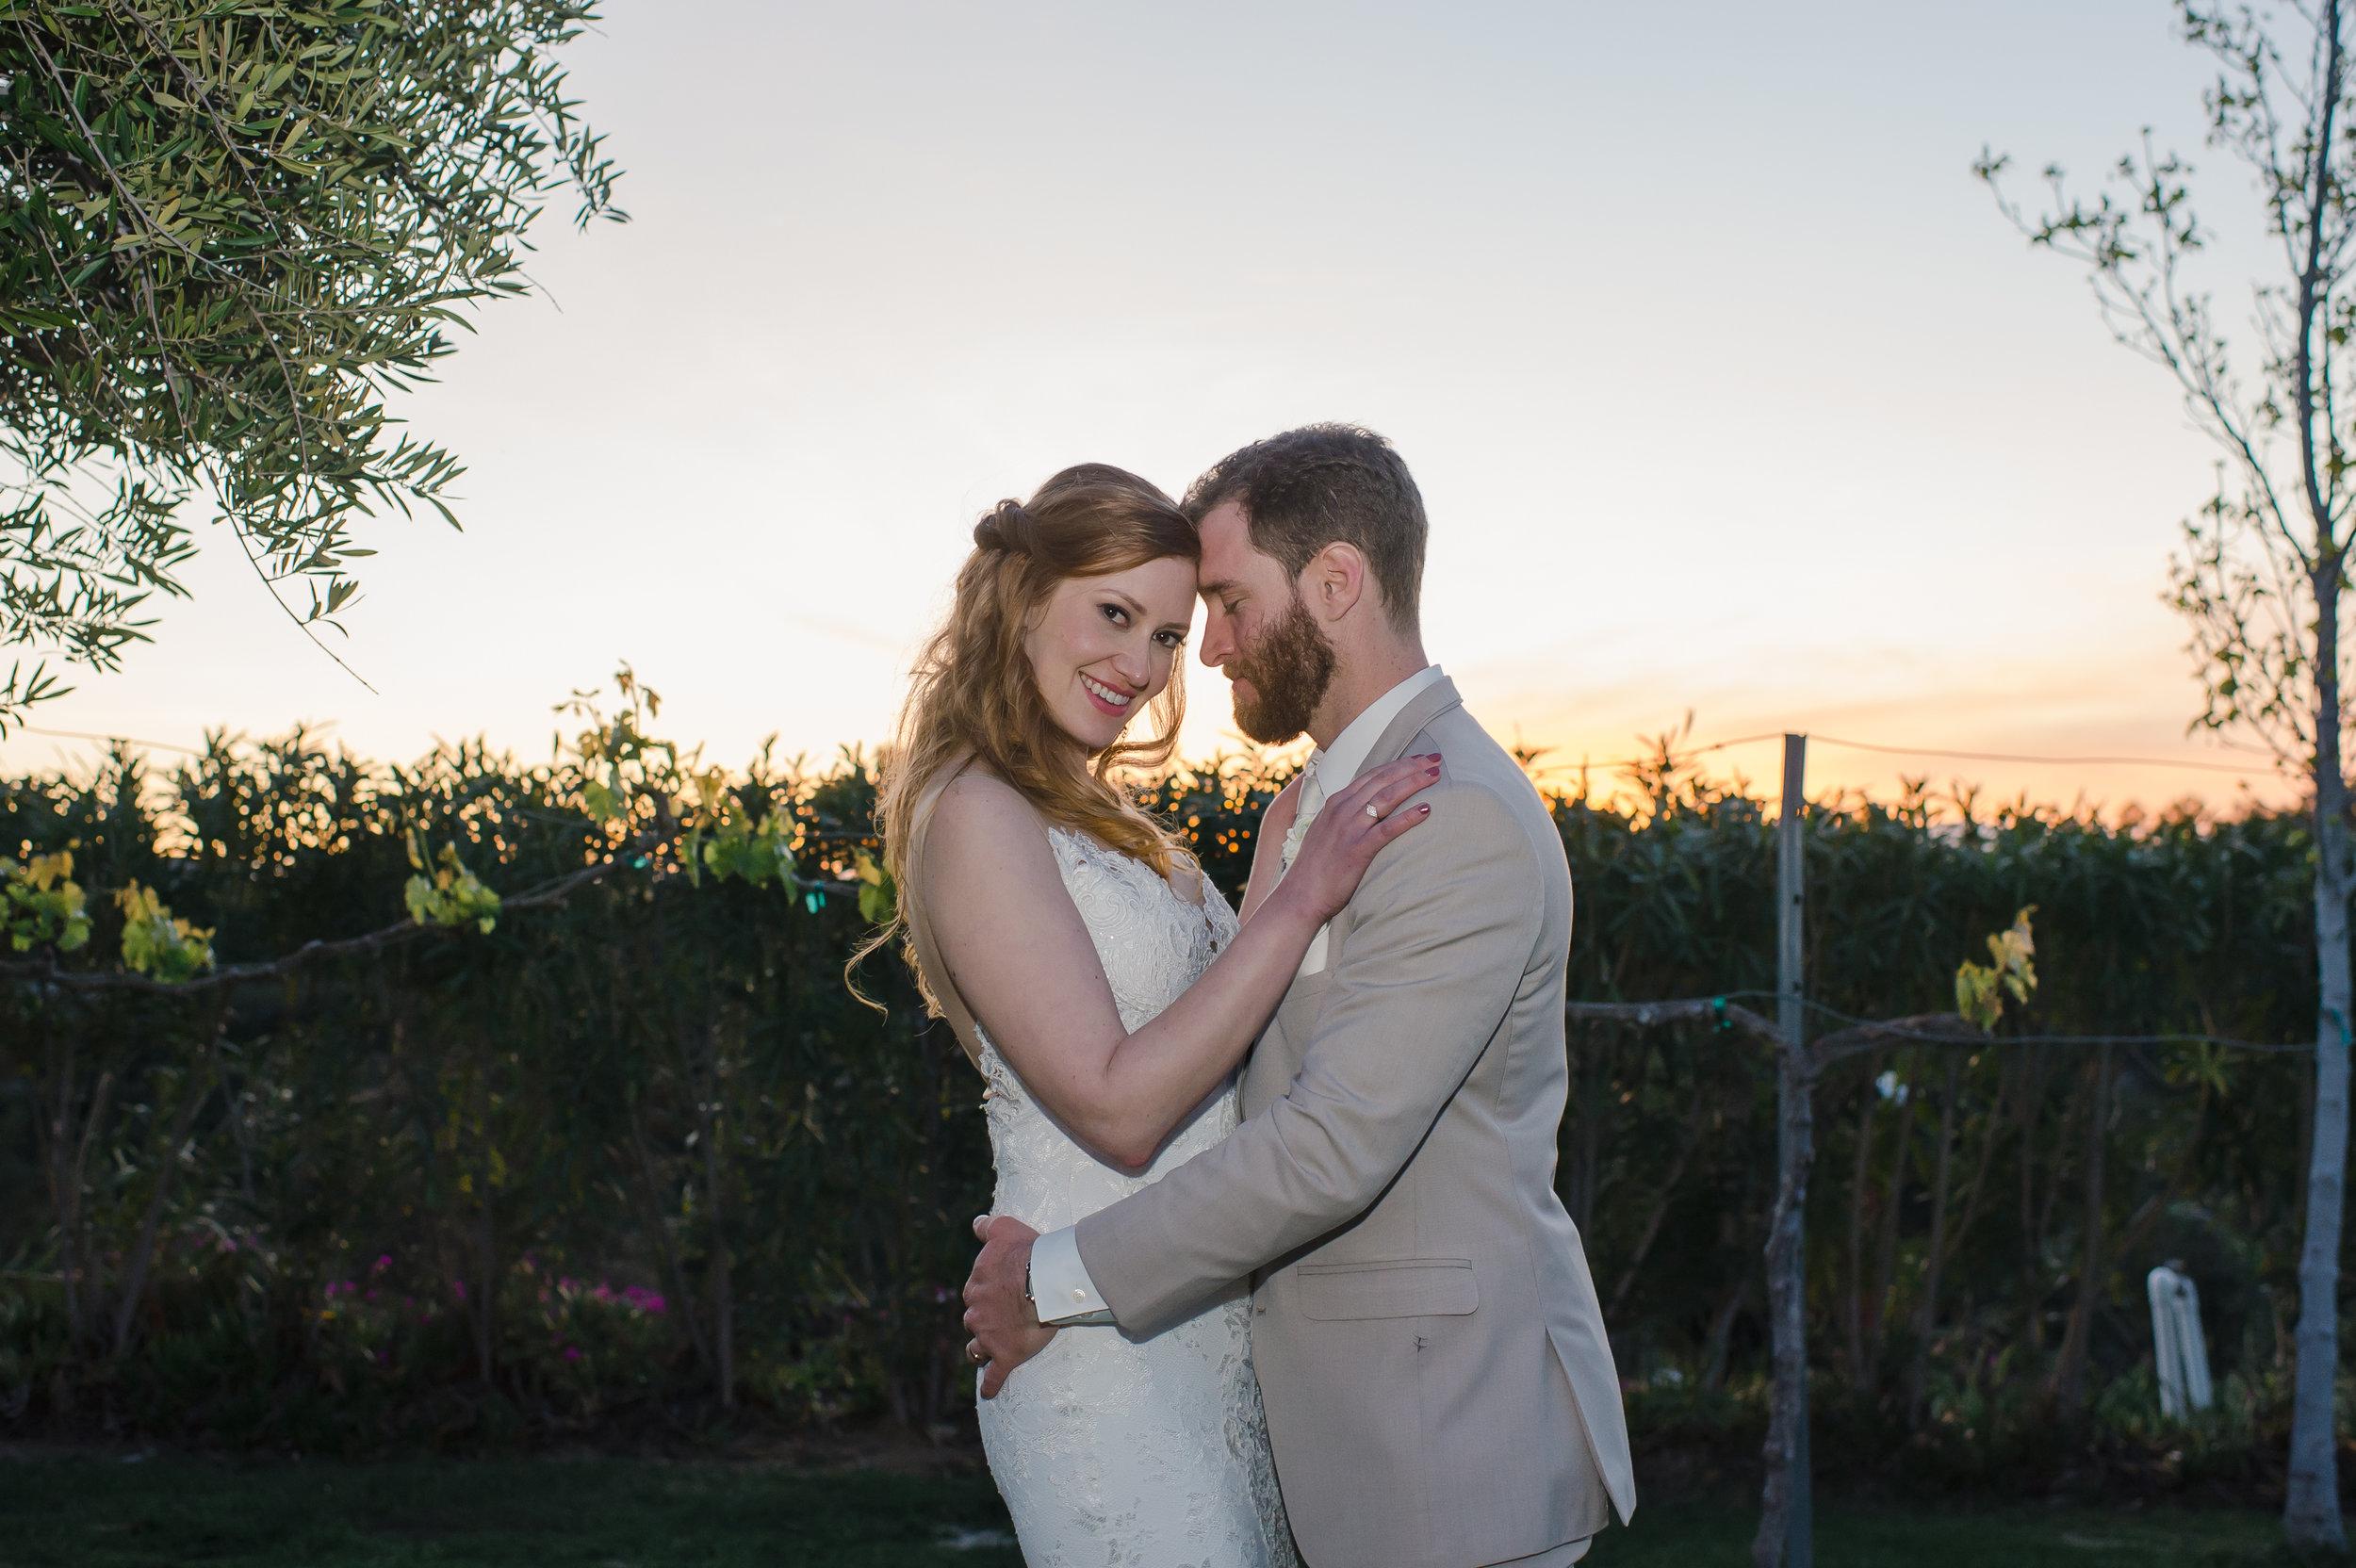 59mountpalomarwineryweddingpictures.jpg